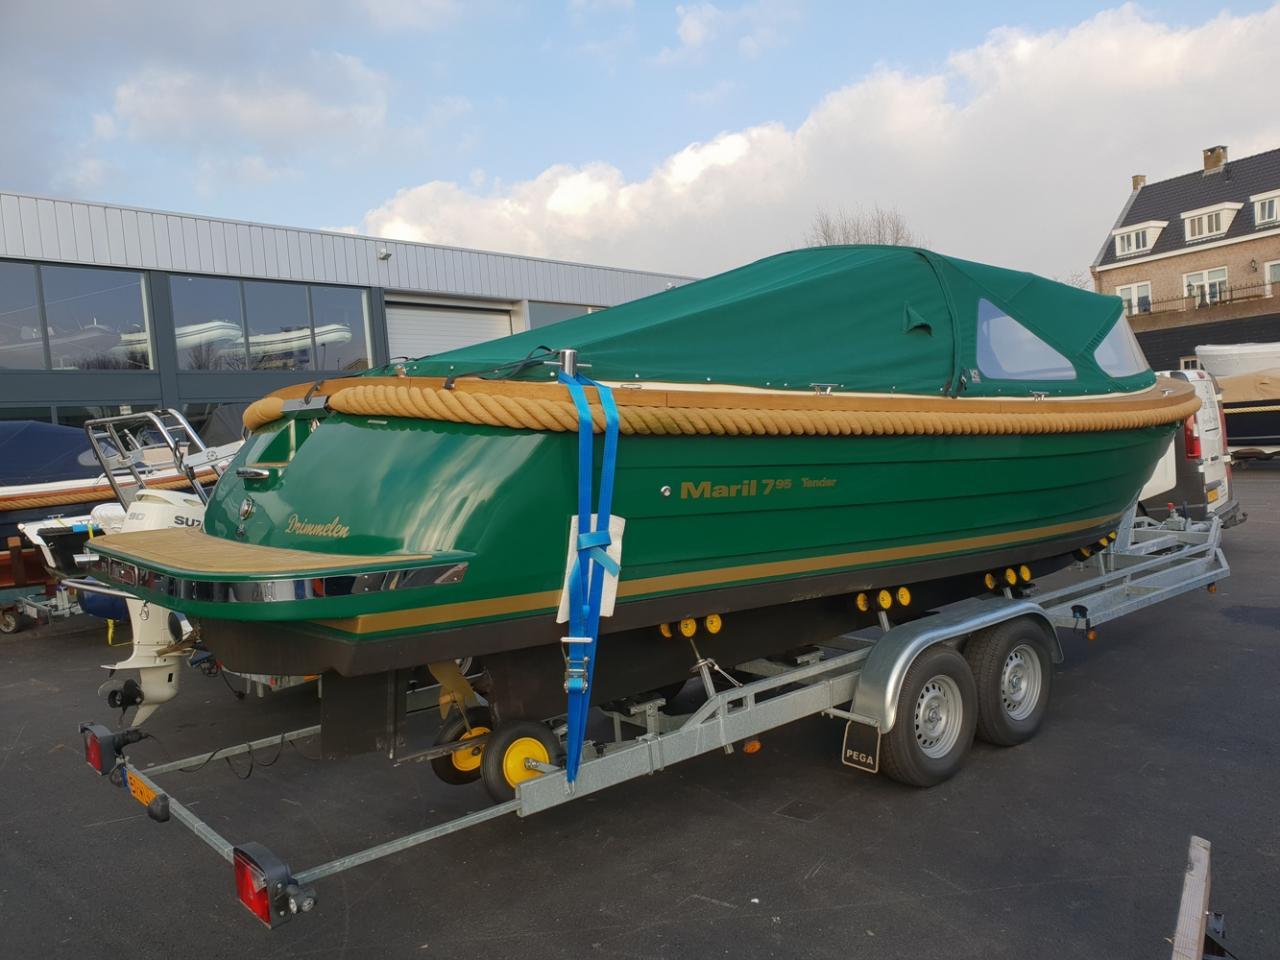 Maril 795 tender met Vetus 42 pk full options! 5